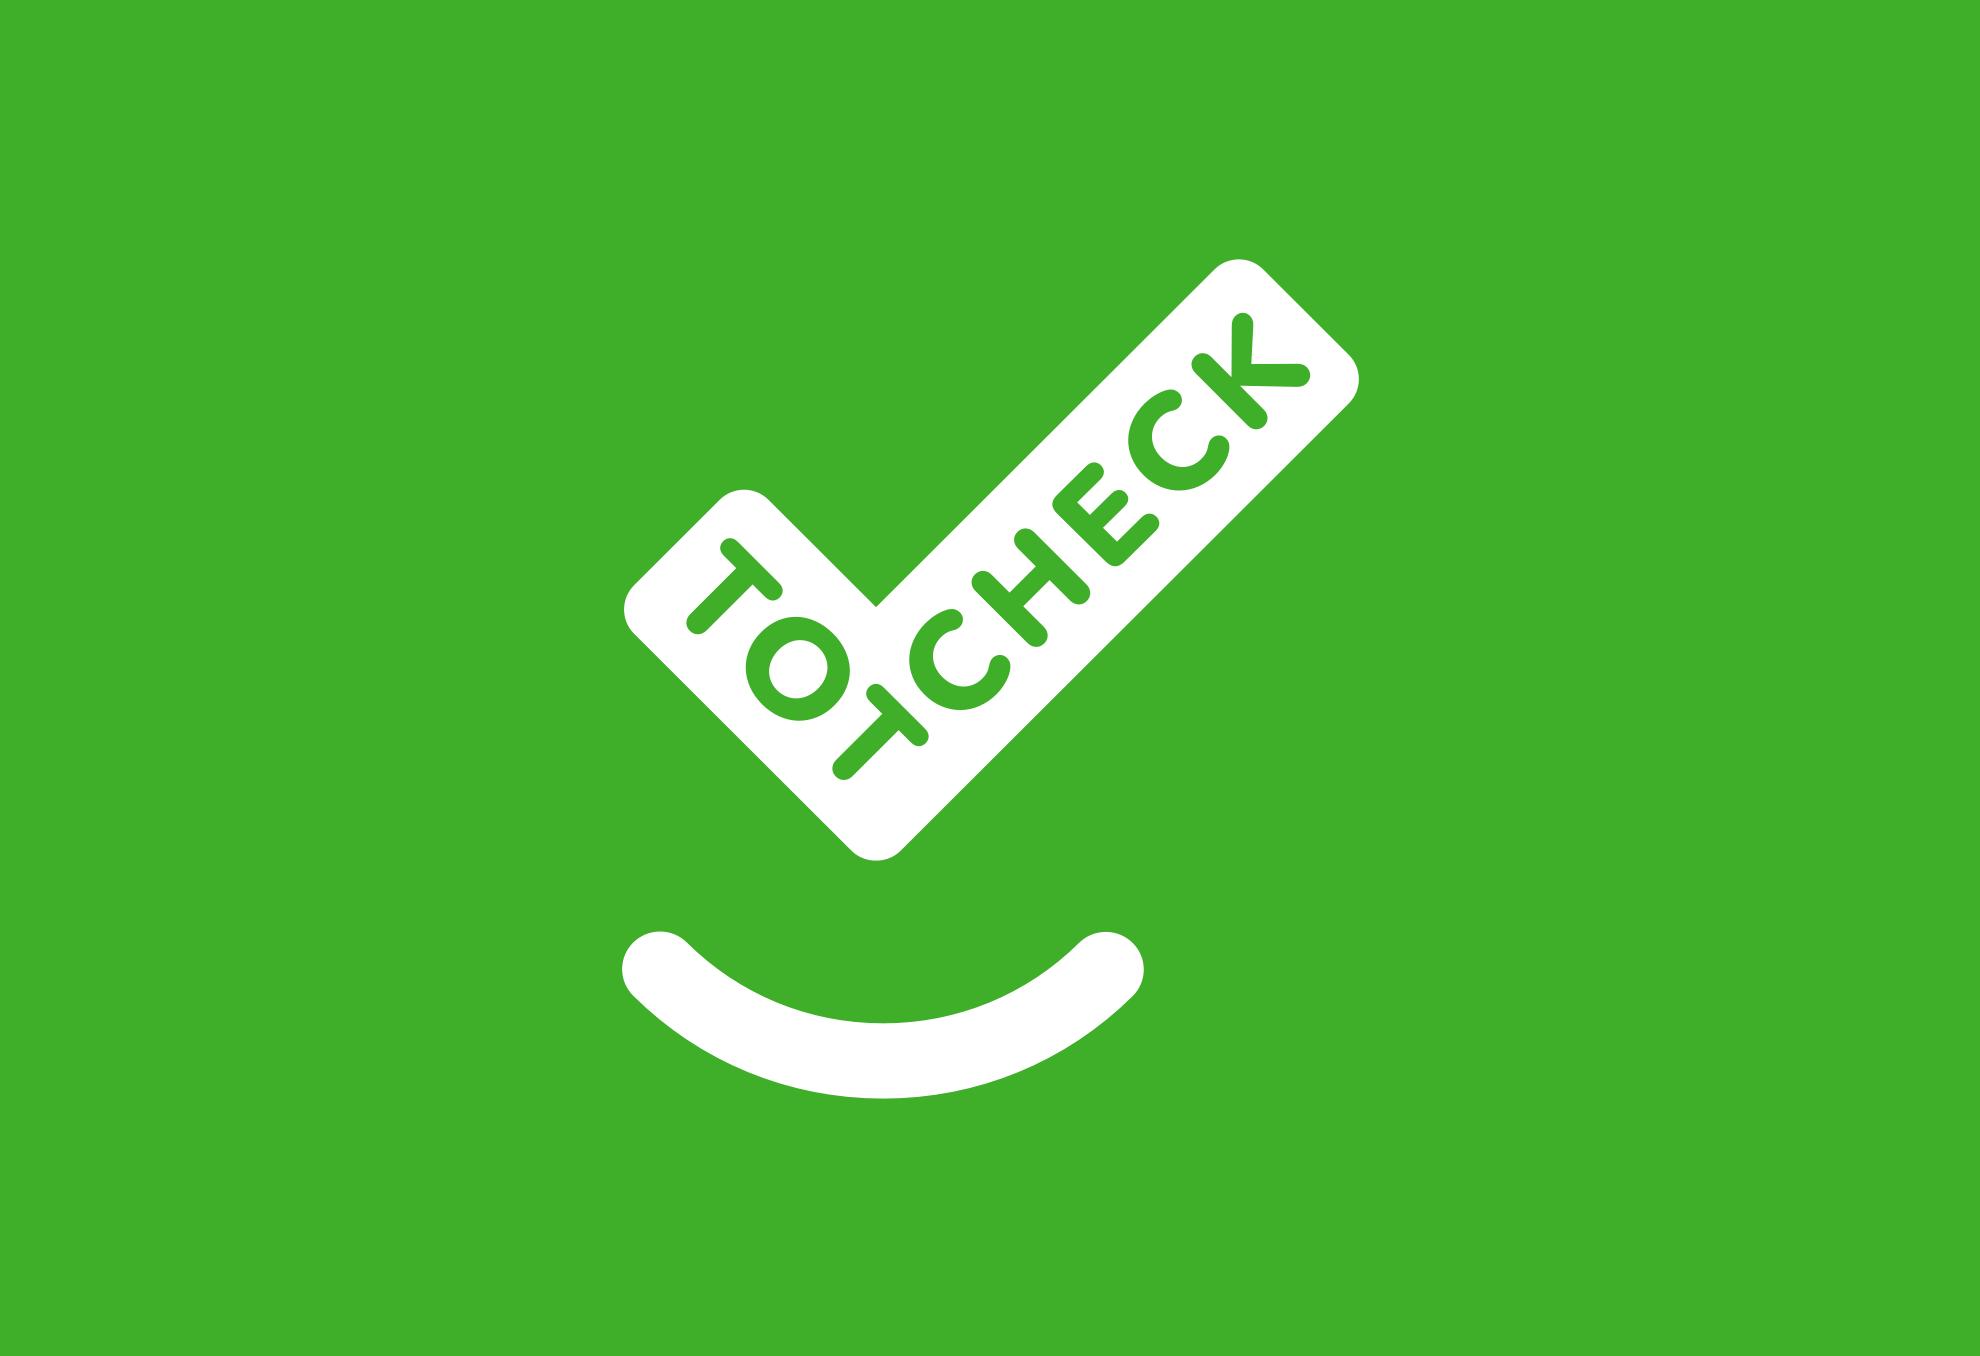 Totcheck.com